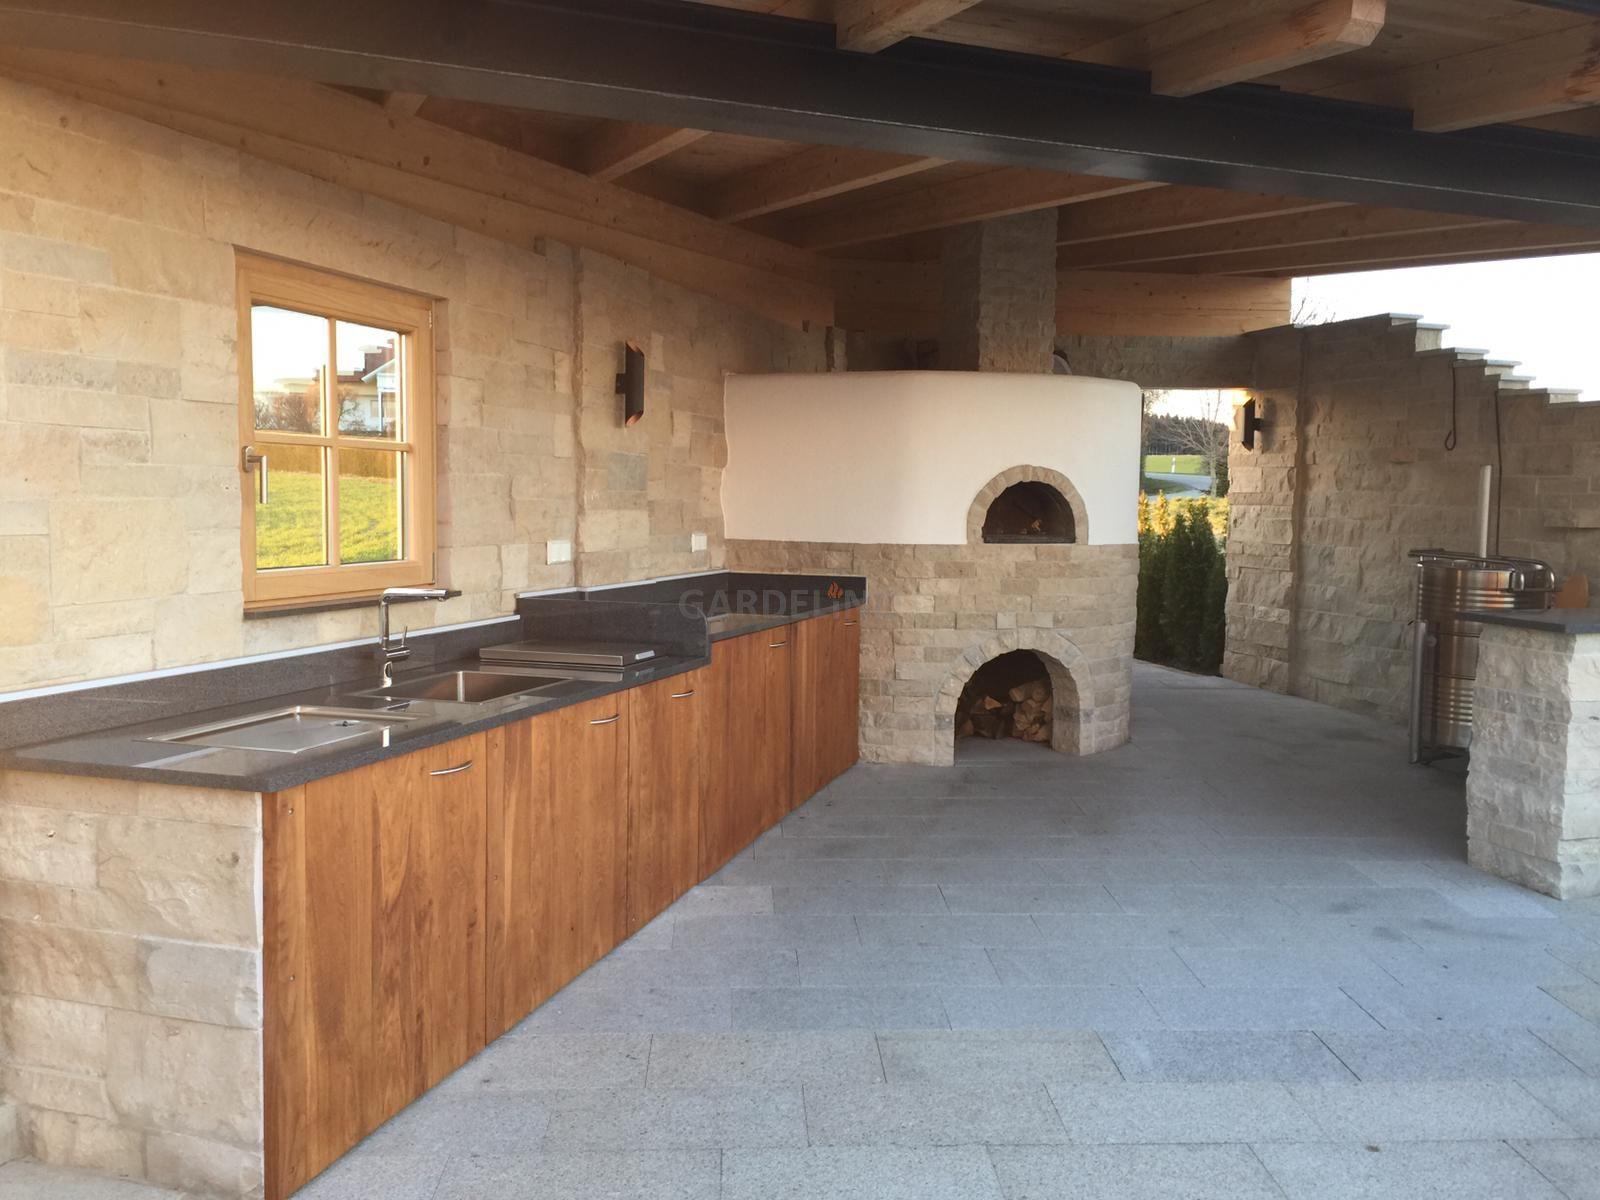 Inspiration Outdoor Kuche Aus Holz Outdoor Kuche Outdoor Kuchen Ideen Kuche Bauen